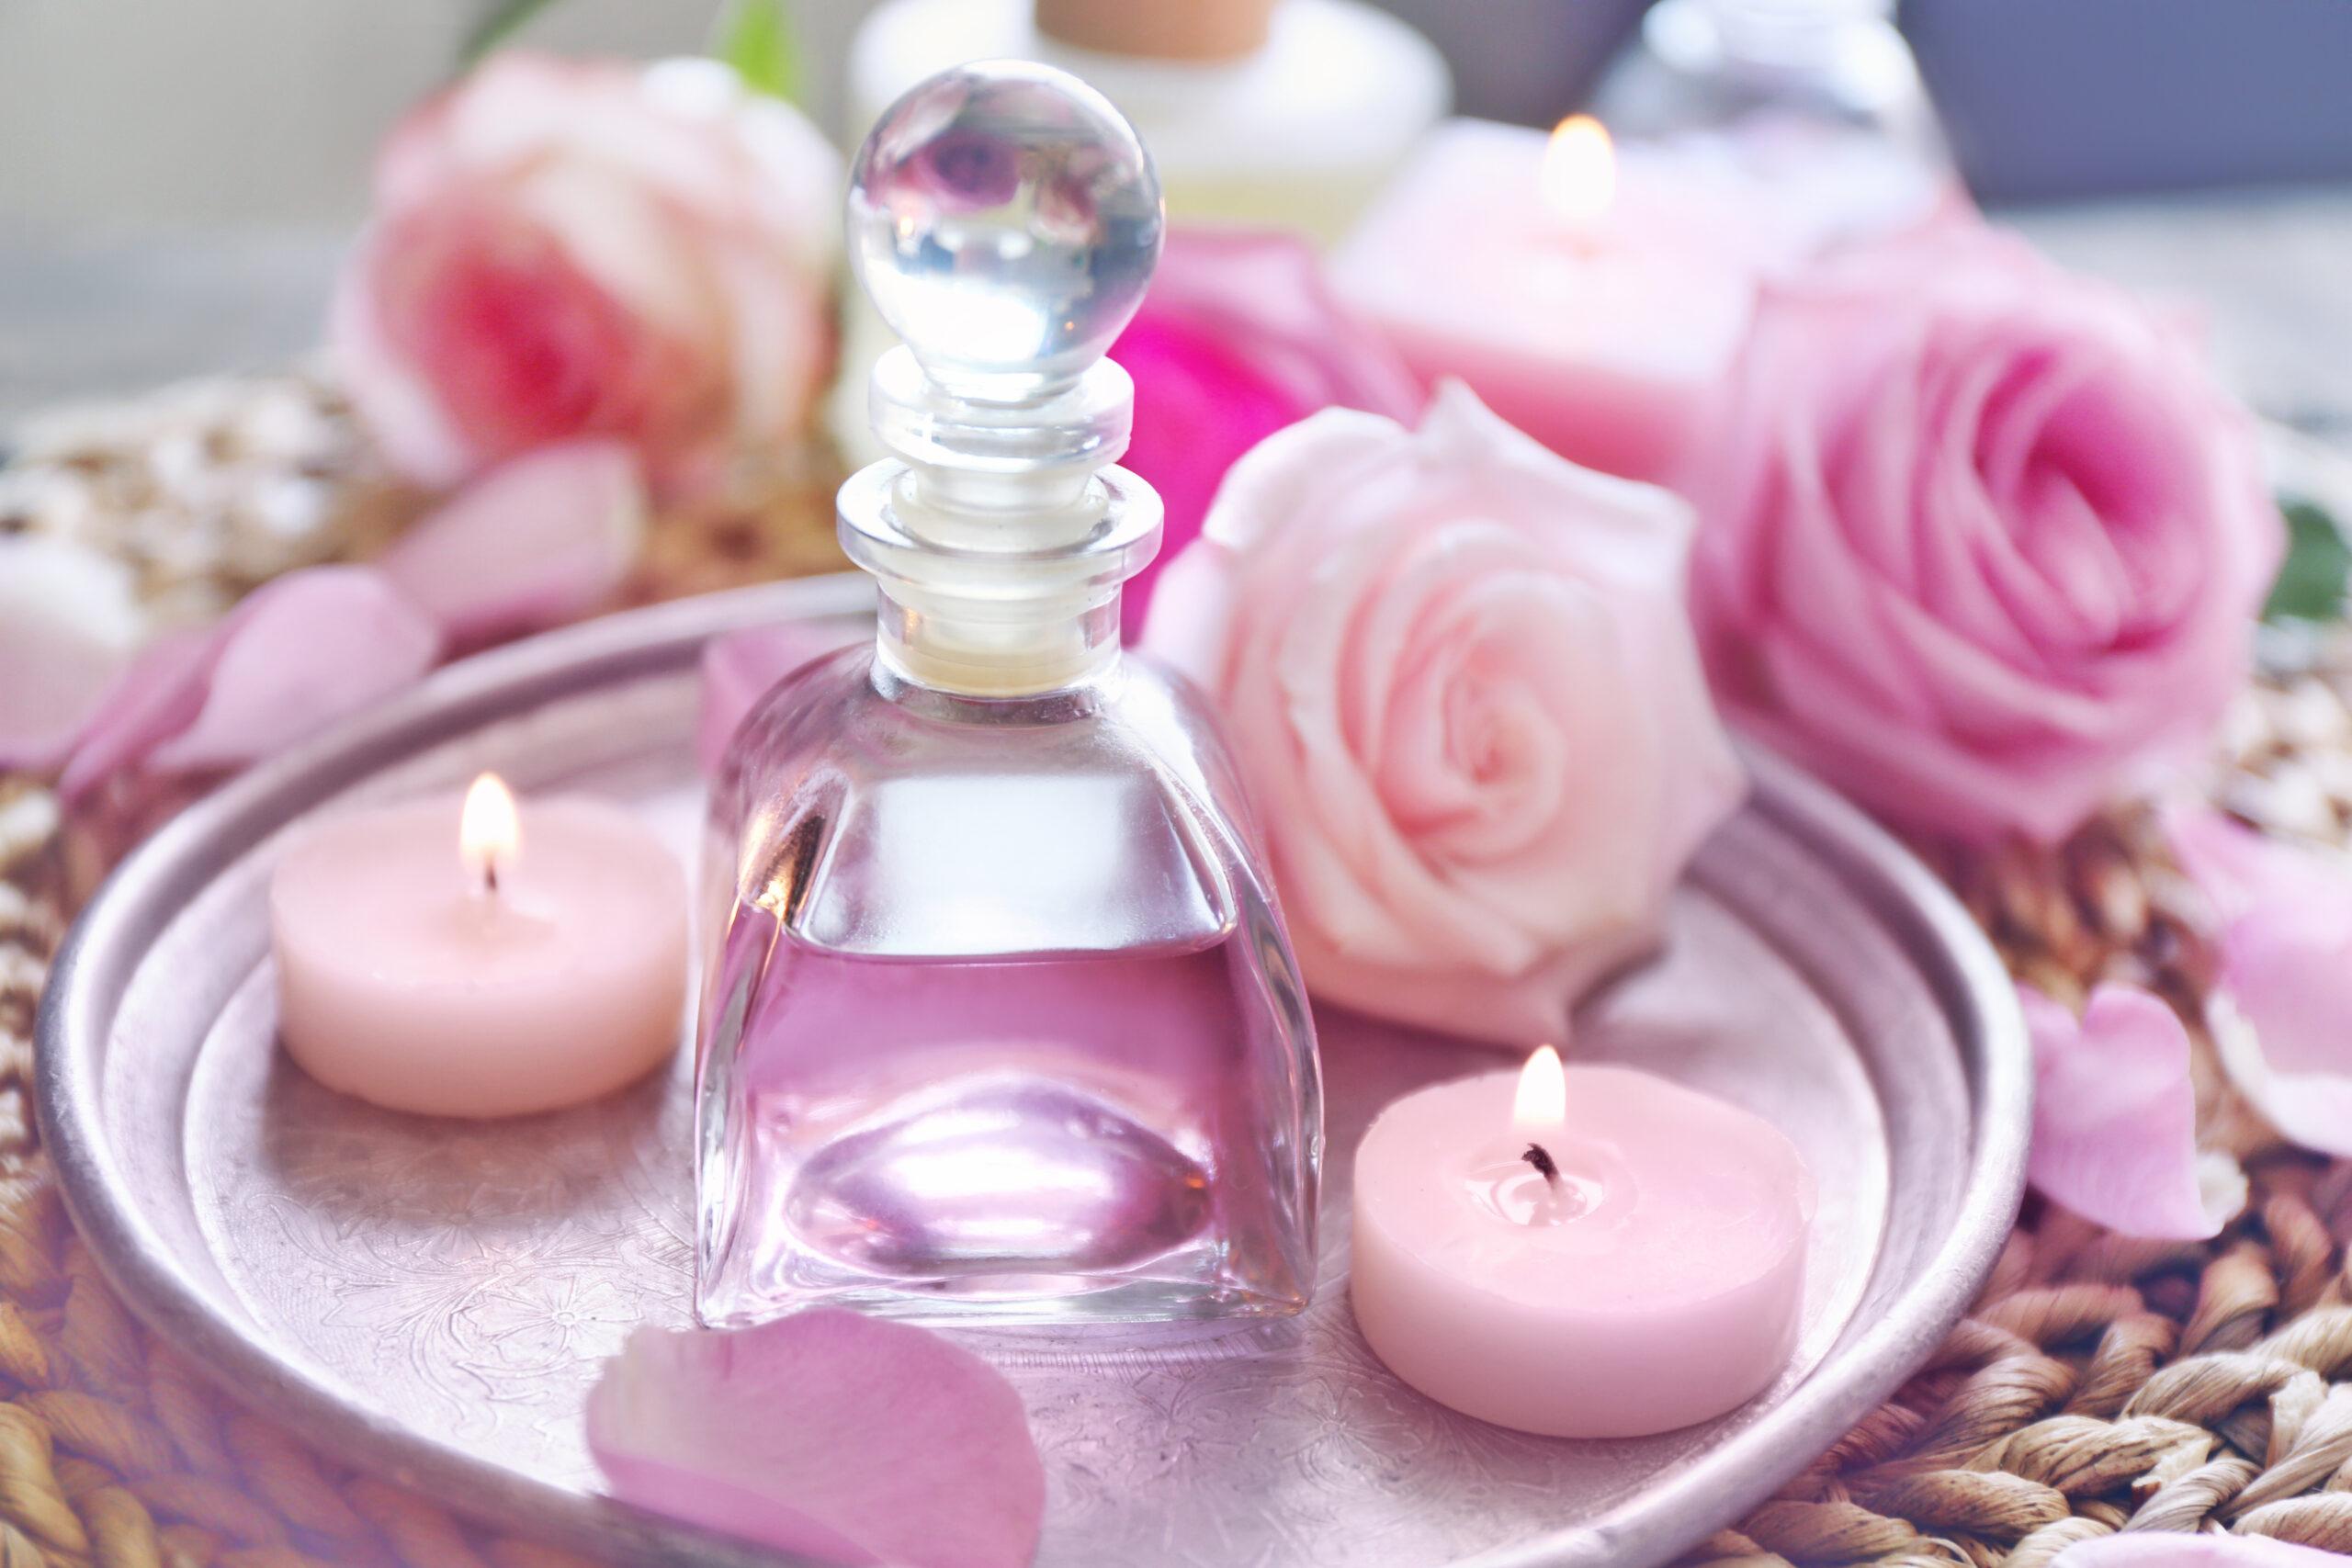 1:アロマでいい香りを漂わせて